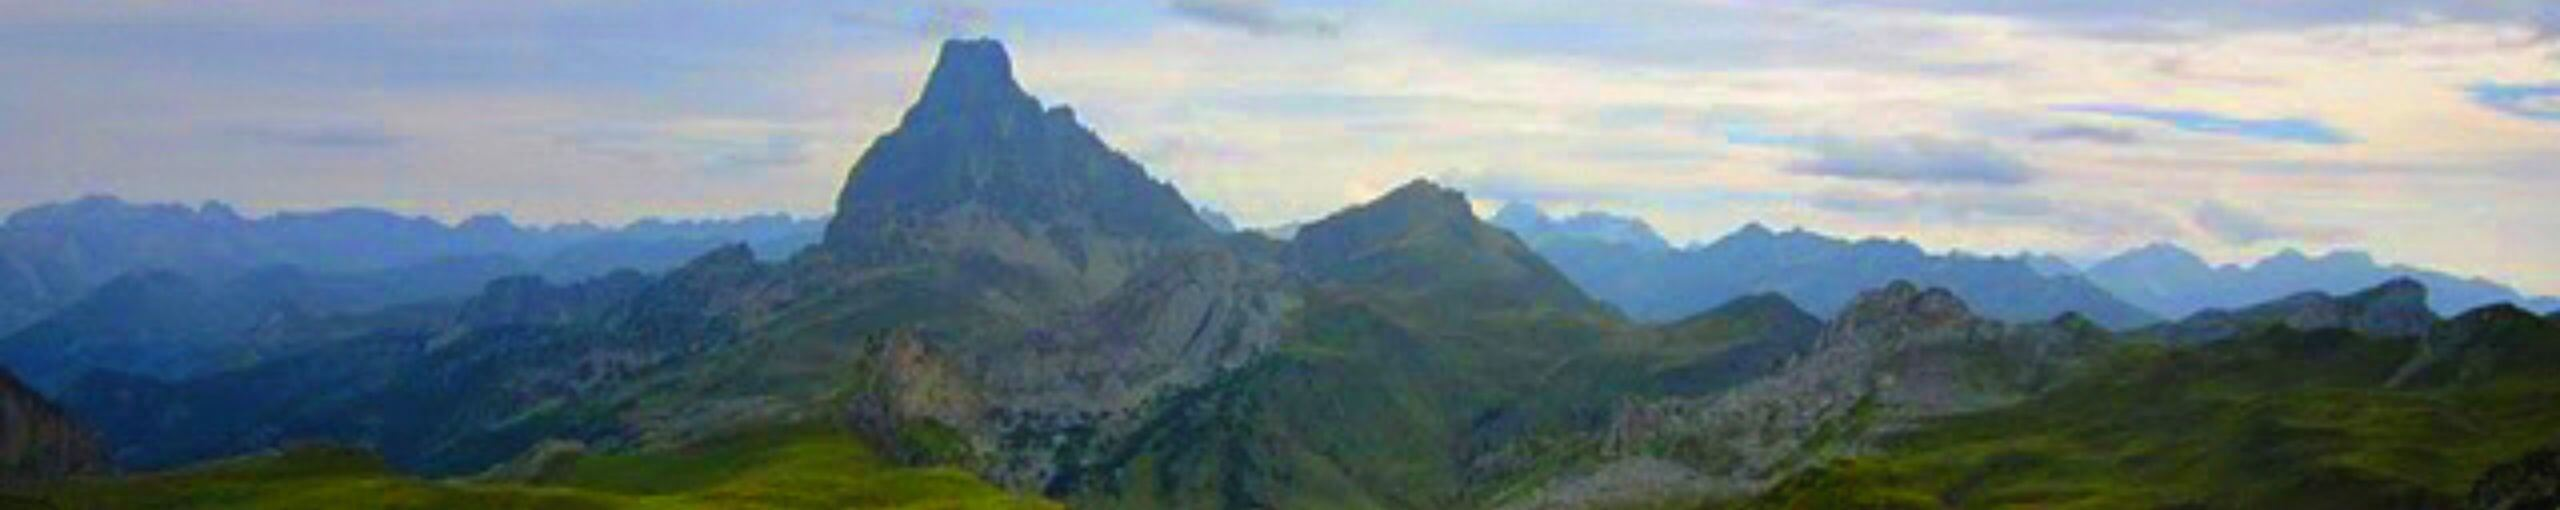 Refugio de Ayous. Pico du Midí d' Ossau. Parque Nacional de Pirineos. Nueva Aquitania. Pirineos Atlánticos. Francia.